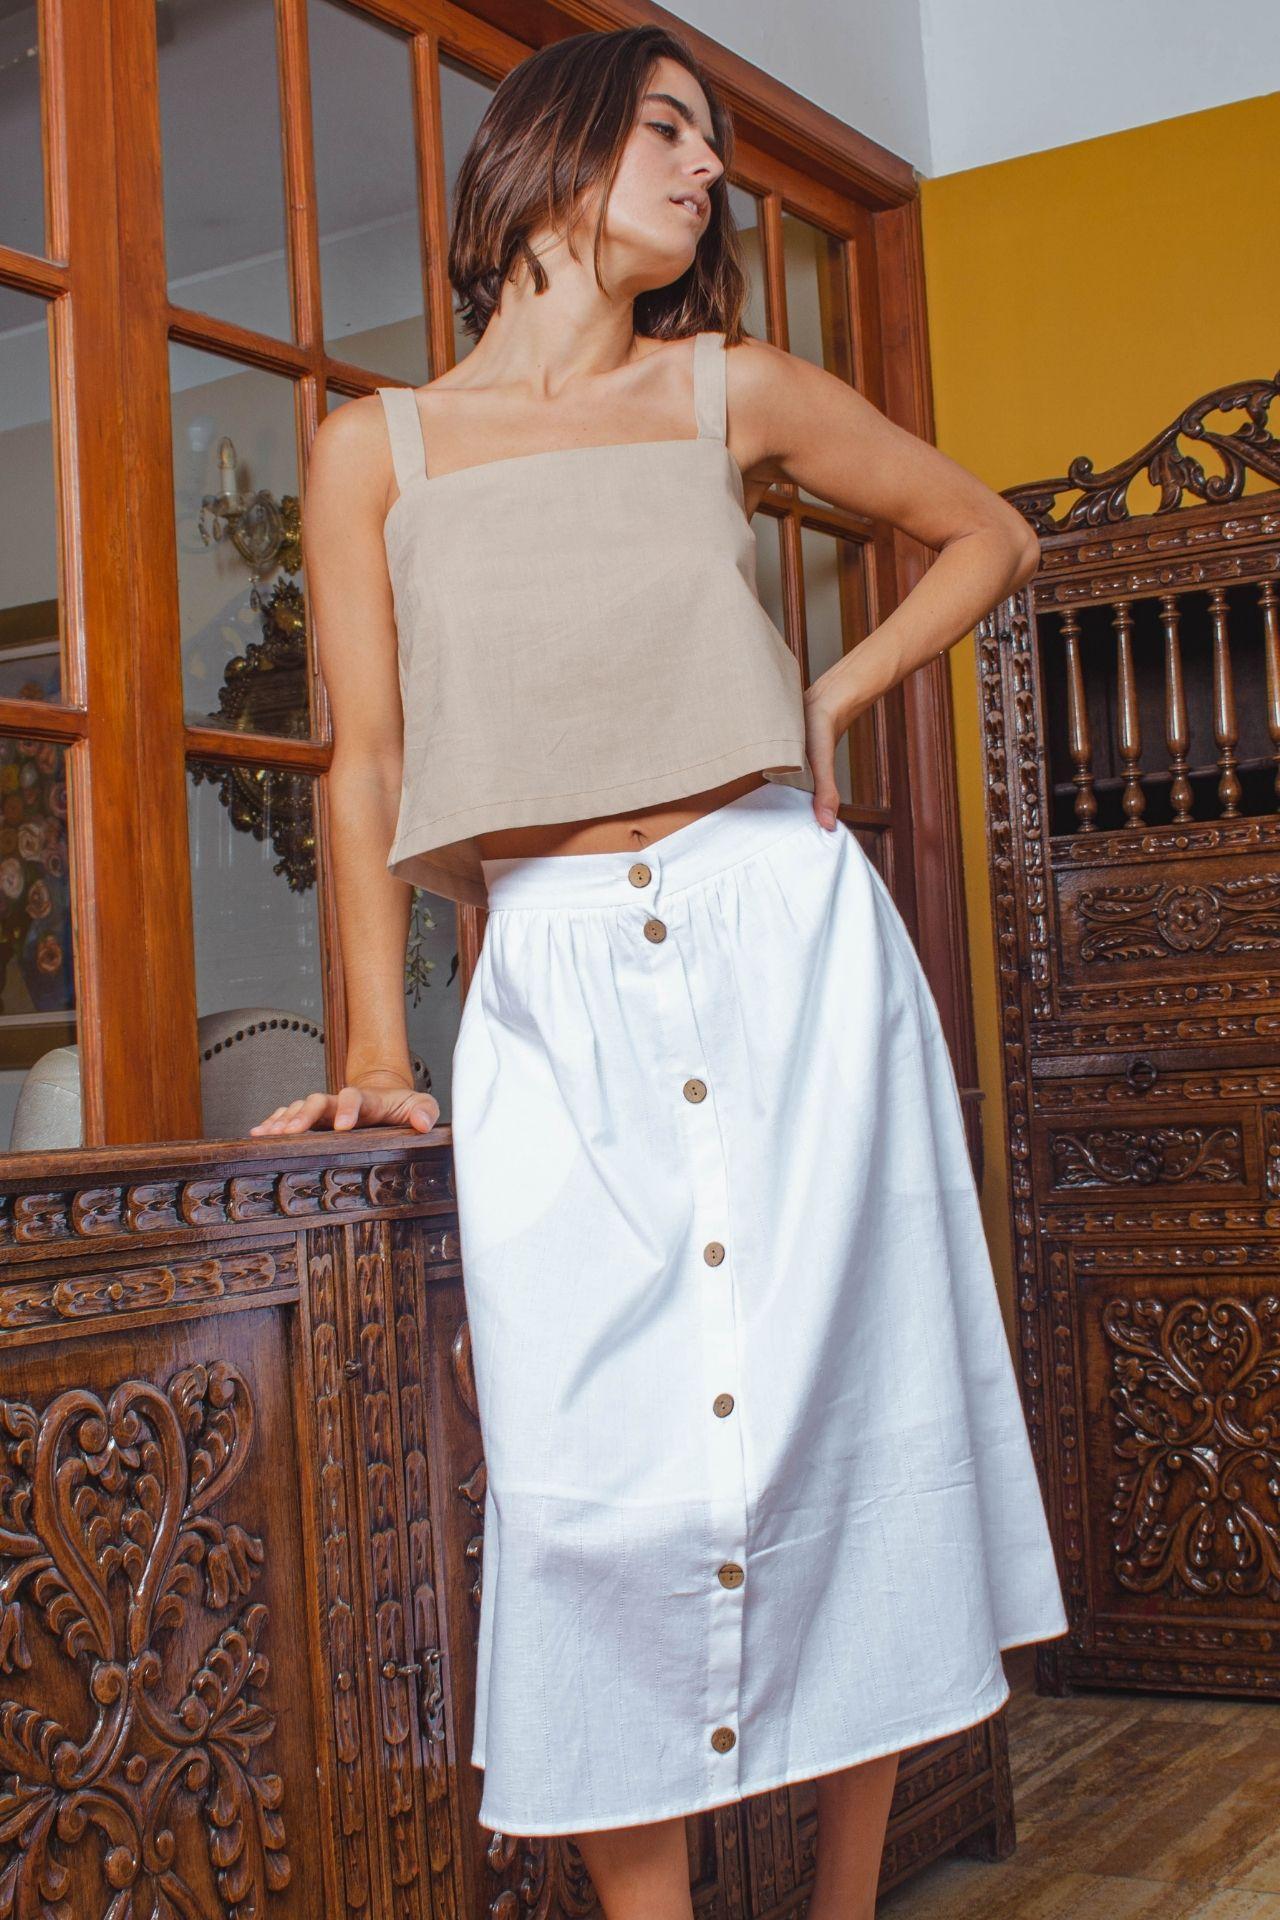 Falda midi a la cintura con bolsillos laterales y botones en el centro de la falda. Tela lino. Cuenta con forro para que no trasluzca. Los botones son funcionales.  Medidas:  S: cintura (68 cm) largo (72 cm)  M: cintura (72 cm) largo (72 cm)